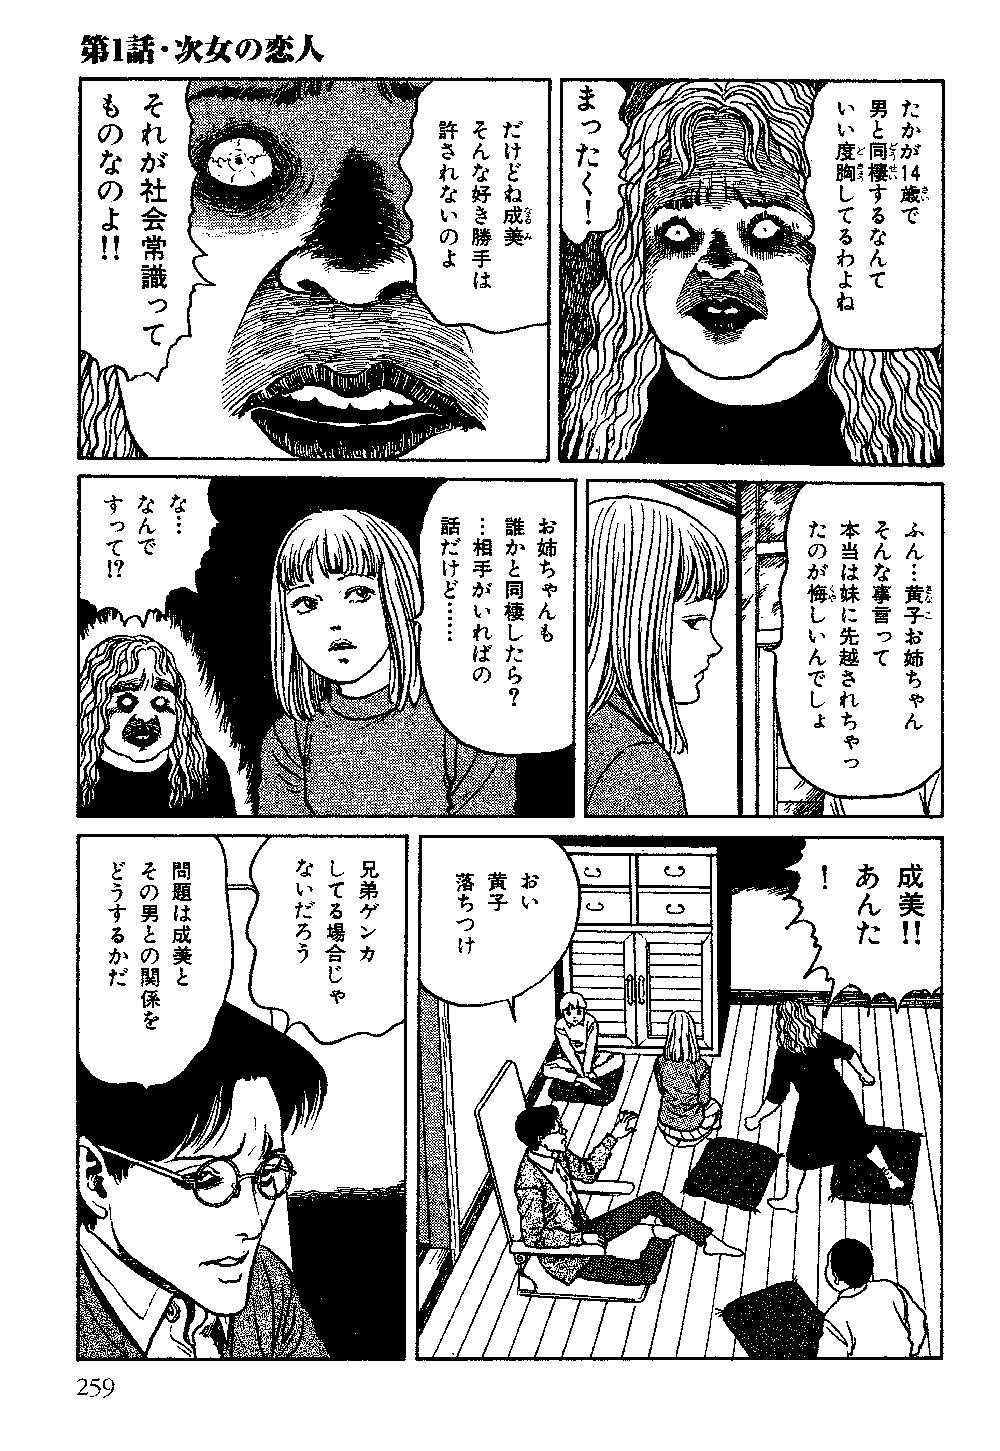 itouj_0004_0261.jpg